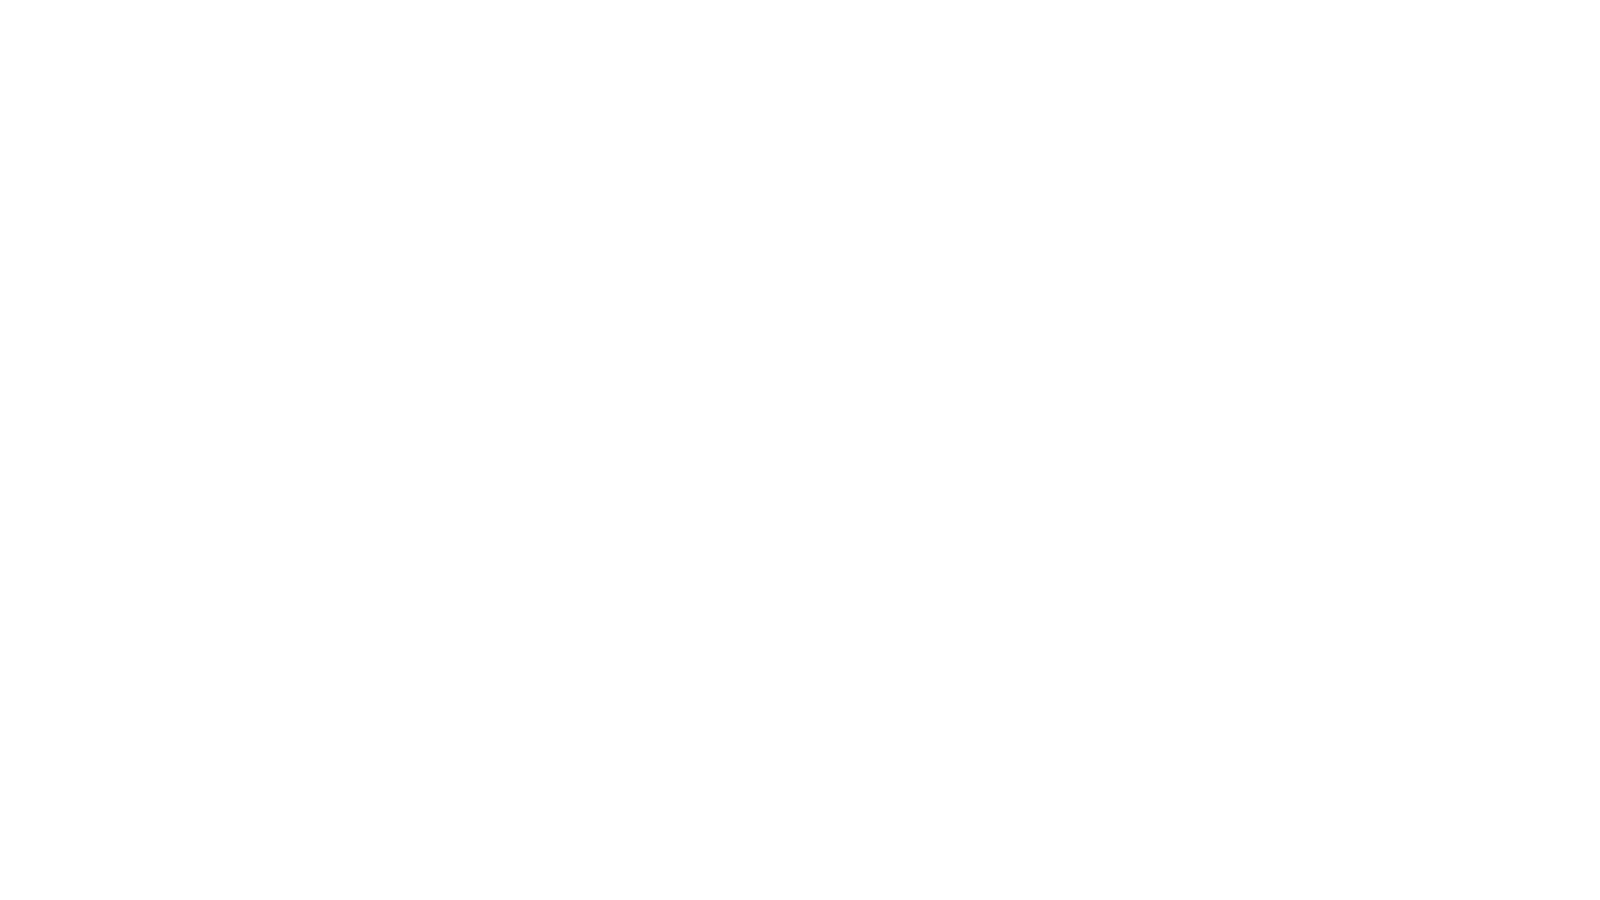 主持人:Emily洪曉芬老師  節目時間:毎週六晚間8點 本集播出日期:2021.5.15首播  節目摘要: 孩子尖叫有時候是自我保護, 生活中注意這些小細節, 能有效避免孩子尖叫的行為, 也能讓孩子學會正確表達、自我控制。  ▶ Emily老師快樂芬多精FB粉絲專頁 #https://tinyurl.com/yx7edvdf  ▶ 加入Emily老師微私塾Line群組 #https://line.me/ti/p/@emilyh  ▶ 「快樂芬多精」節目介紹 #https://wp.me/pbsKhA-1My   本節目由橙智國際教育集團贊助播出:  ▶ 橙智Youtube頻道 #https://reurl.cc/vDkYqL ▶ 橙智國際教育集團官方網站 #http://www.smartorange.com.tw   #Emily老師 #快樂芬多精 #成長大件事